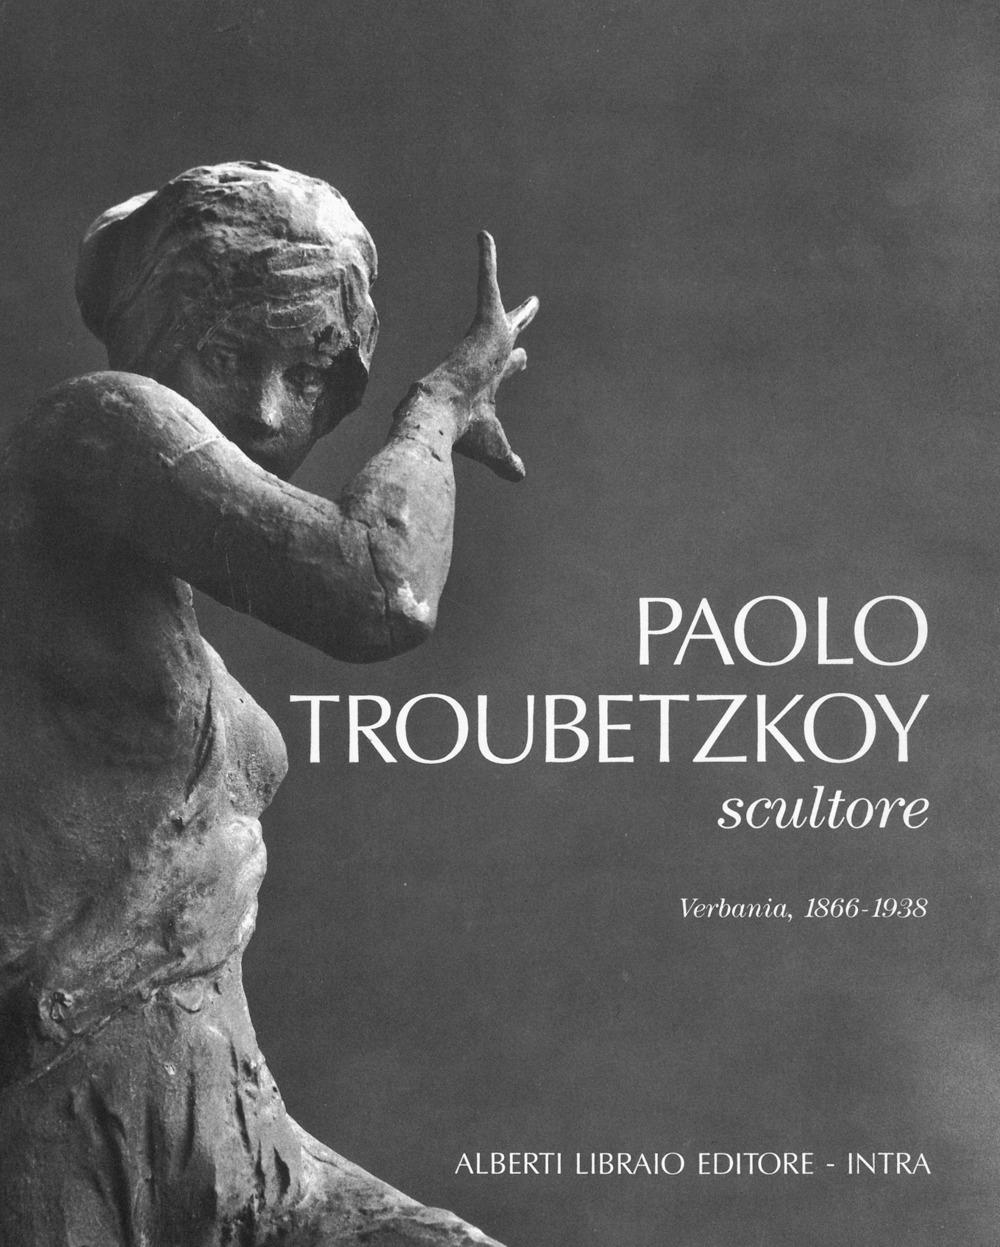 Paolo Troubetzkoy scultore (Verbania, 1866-1938). [Ed. brossura].